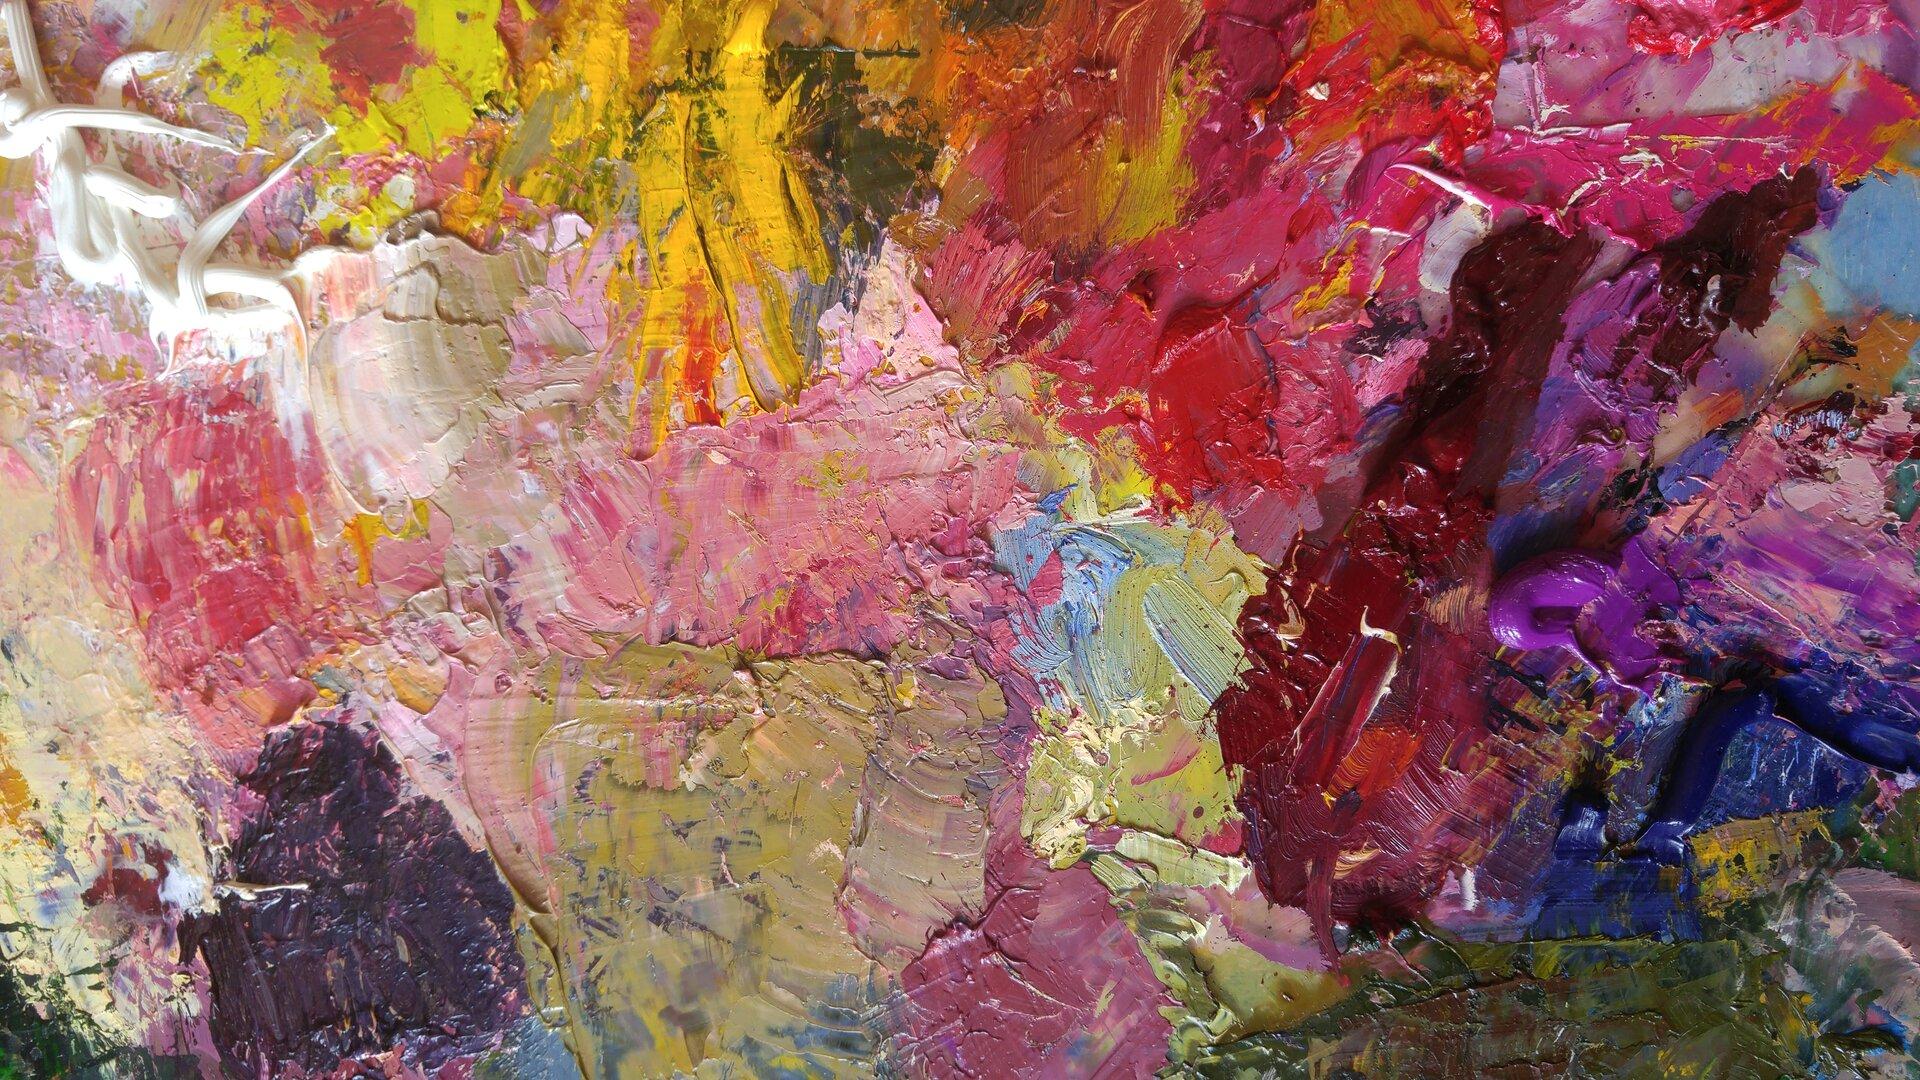 Ilustracja przedstawia gwałtowne, swobodne pociągnięcia pędzla, używanie różnych narzędzi np. szpachli, wyciskanie farby prosto ztubki. Przeważają odcienie fioletu iróżu.